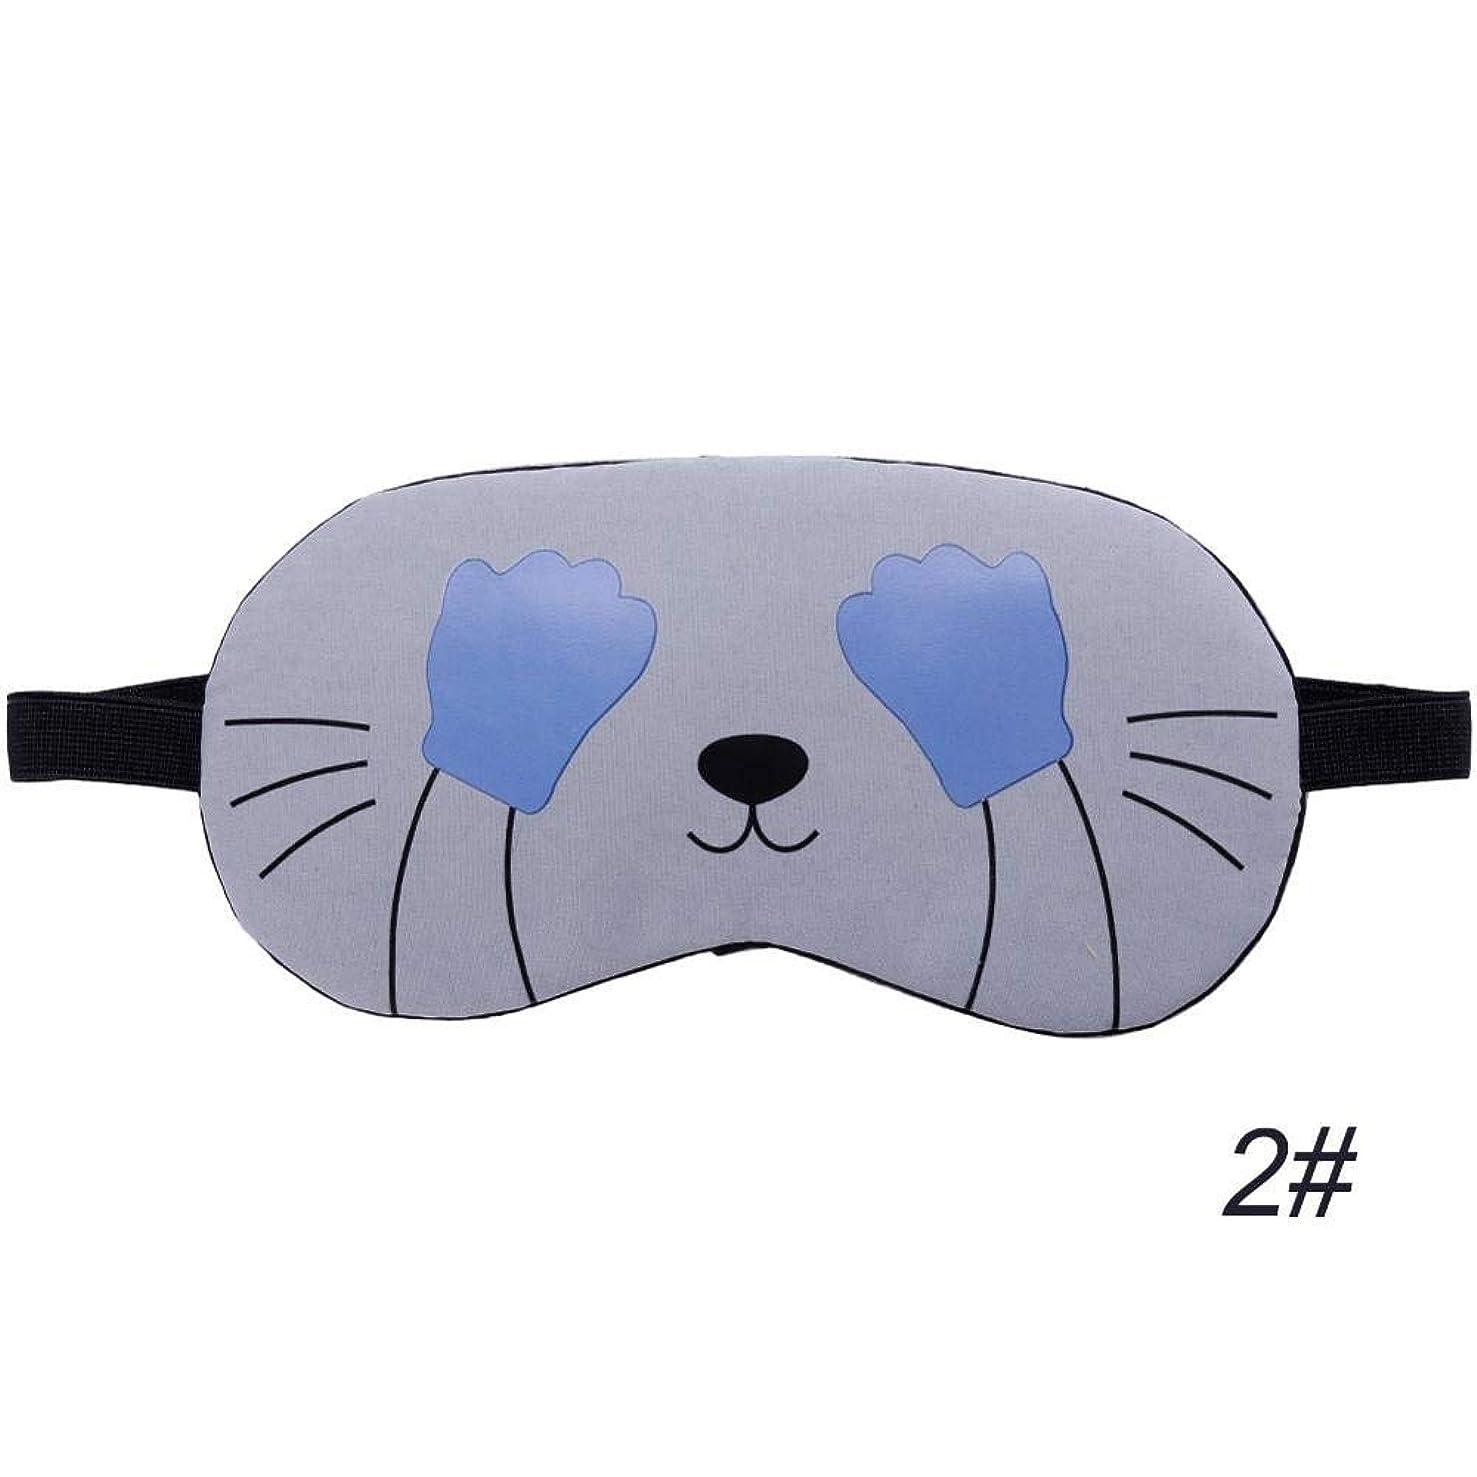 禁止ゼリーデマンドNOTE 1ピース睡眠アイマスクコットンソフト睡眠援助旅行残りアイシェードカバー目隠しユニセックス女性男性13スタイル眼鏡#280205